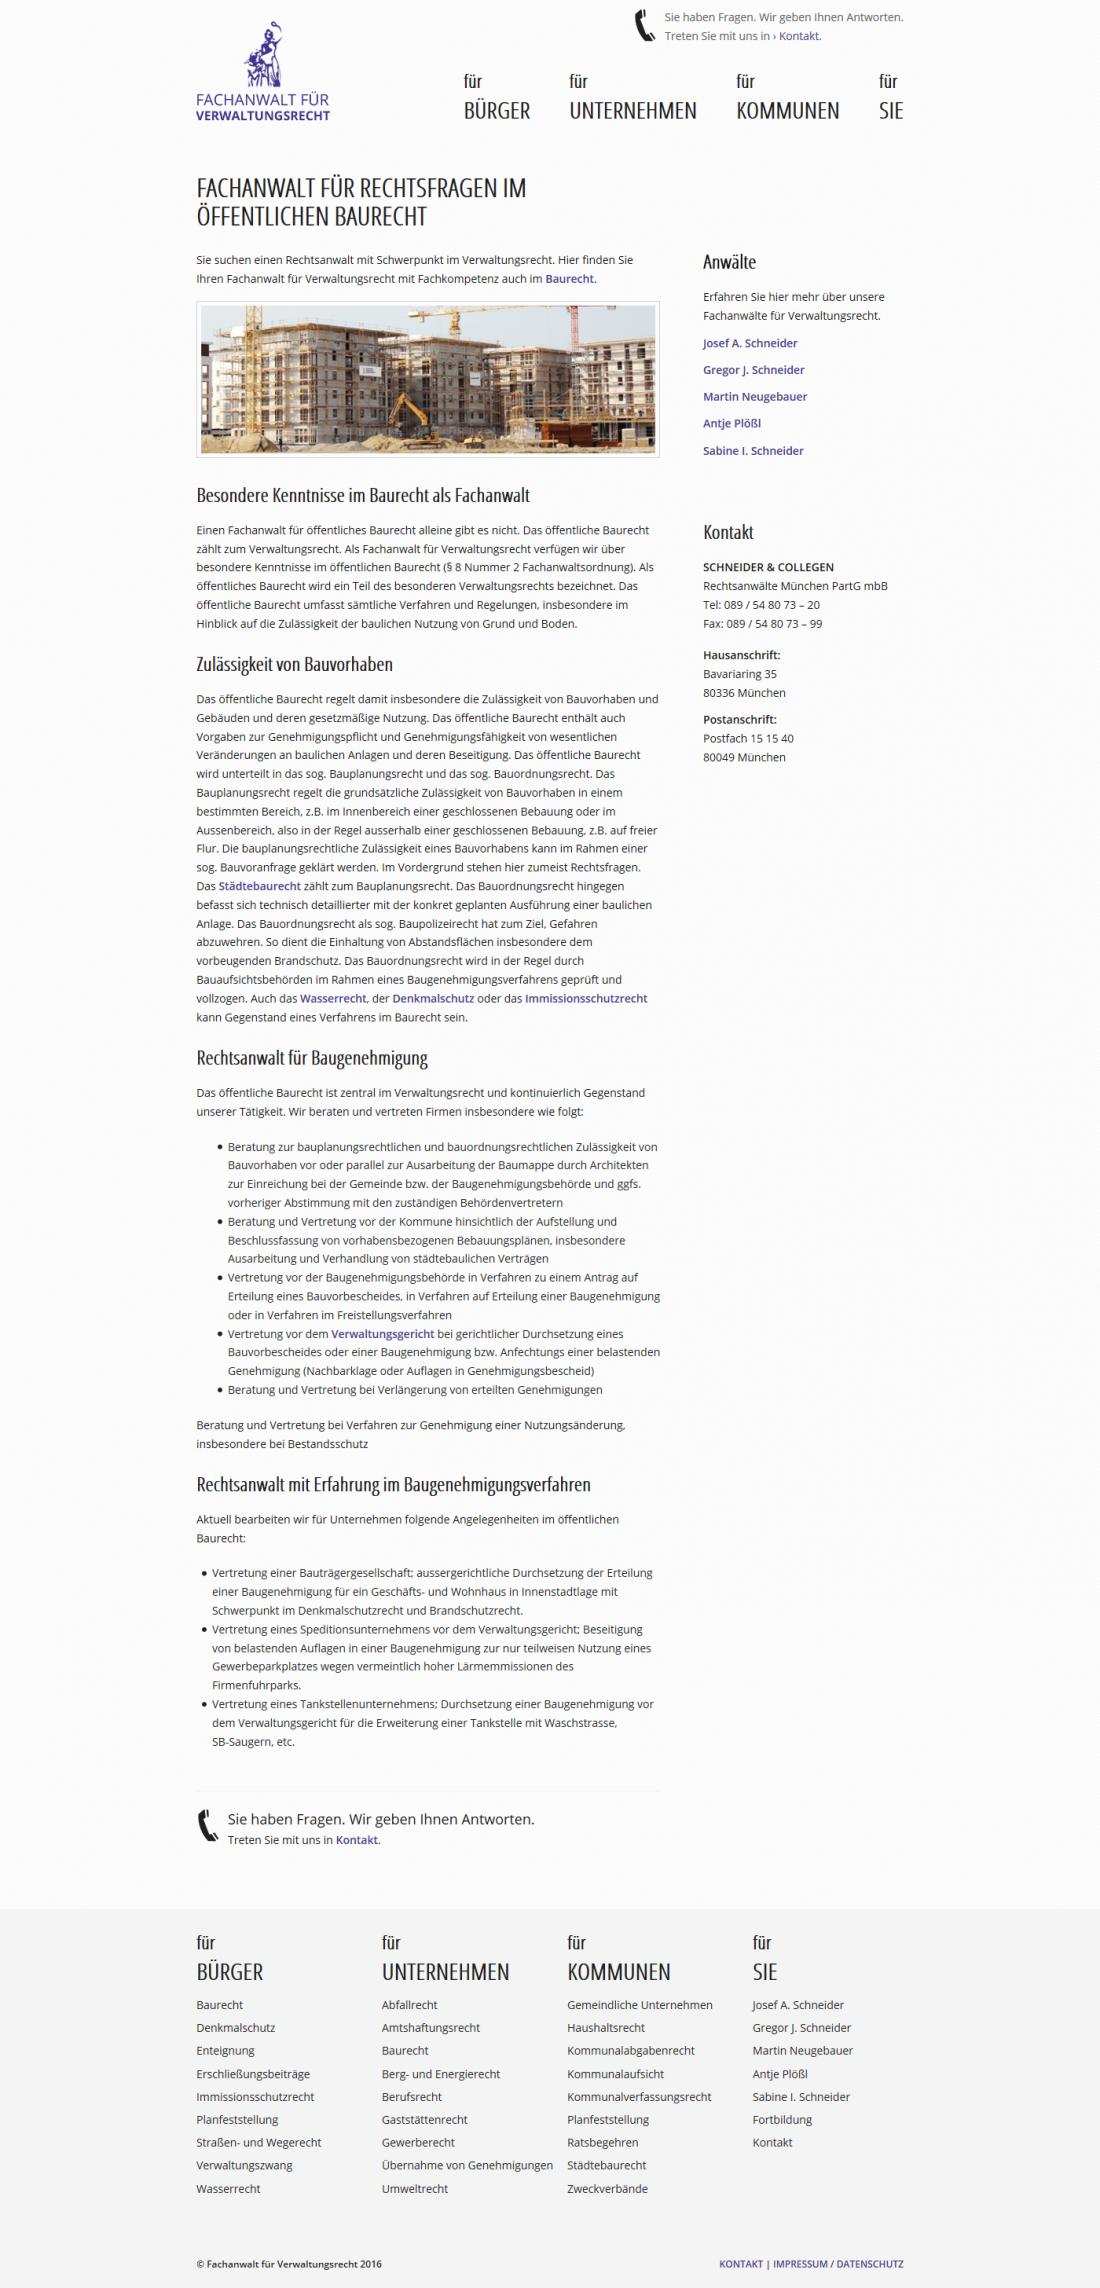 Screenshot Webseite Fachanwalt für Verwaltungsrecht